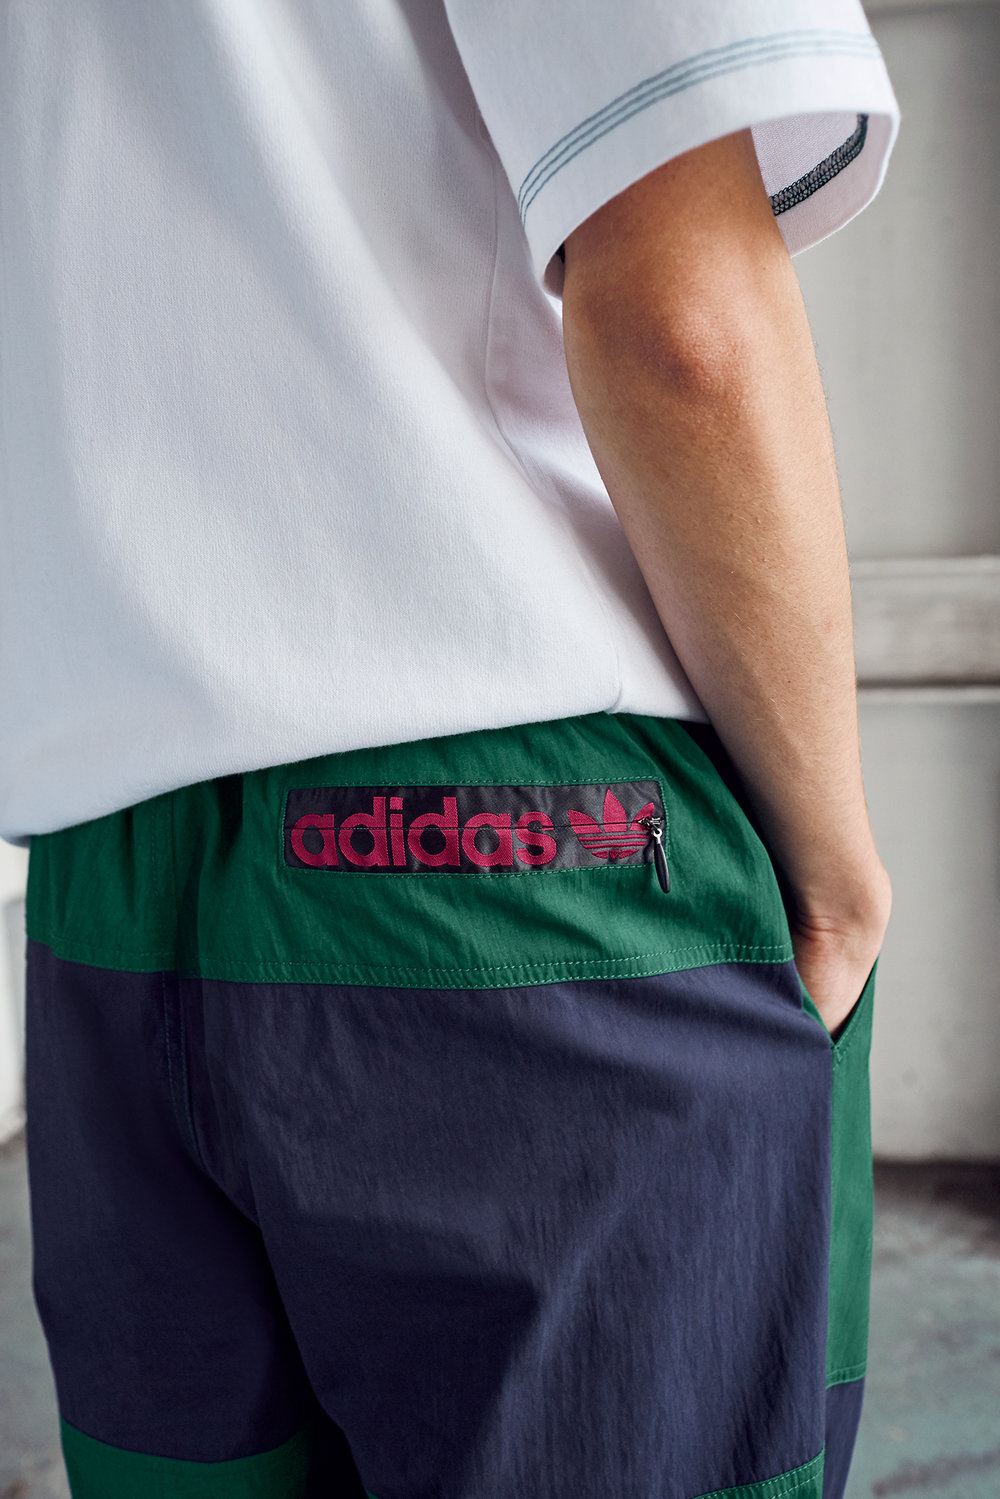 Adidas_Atric9.jpg